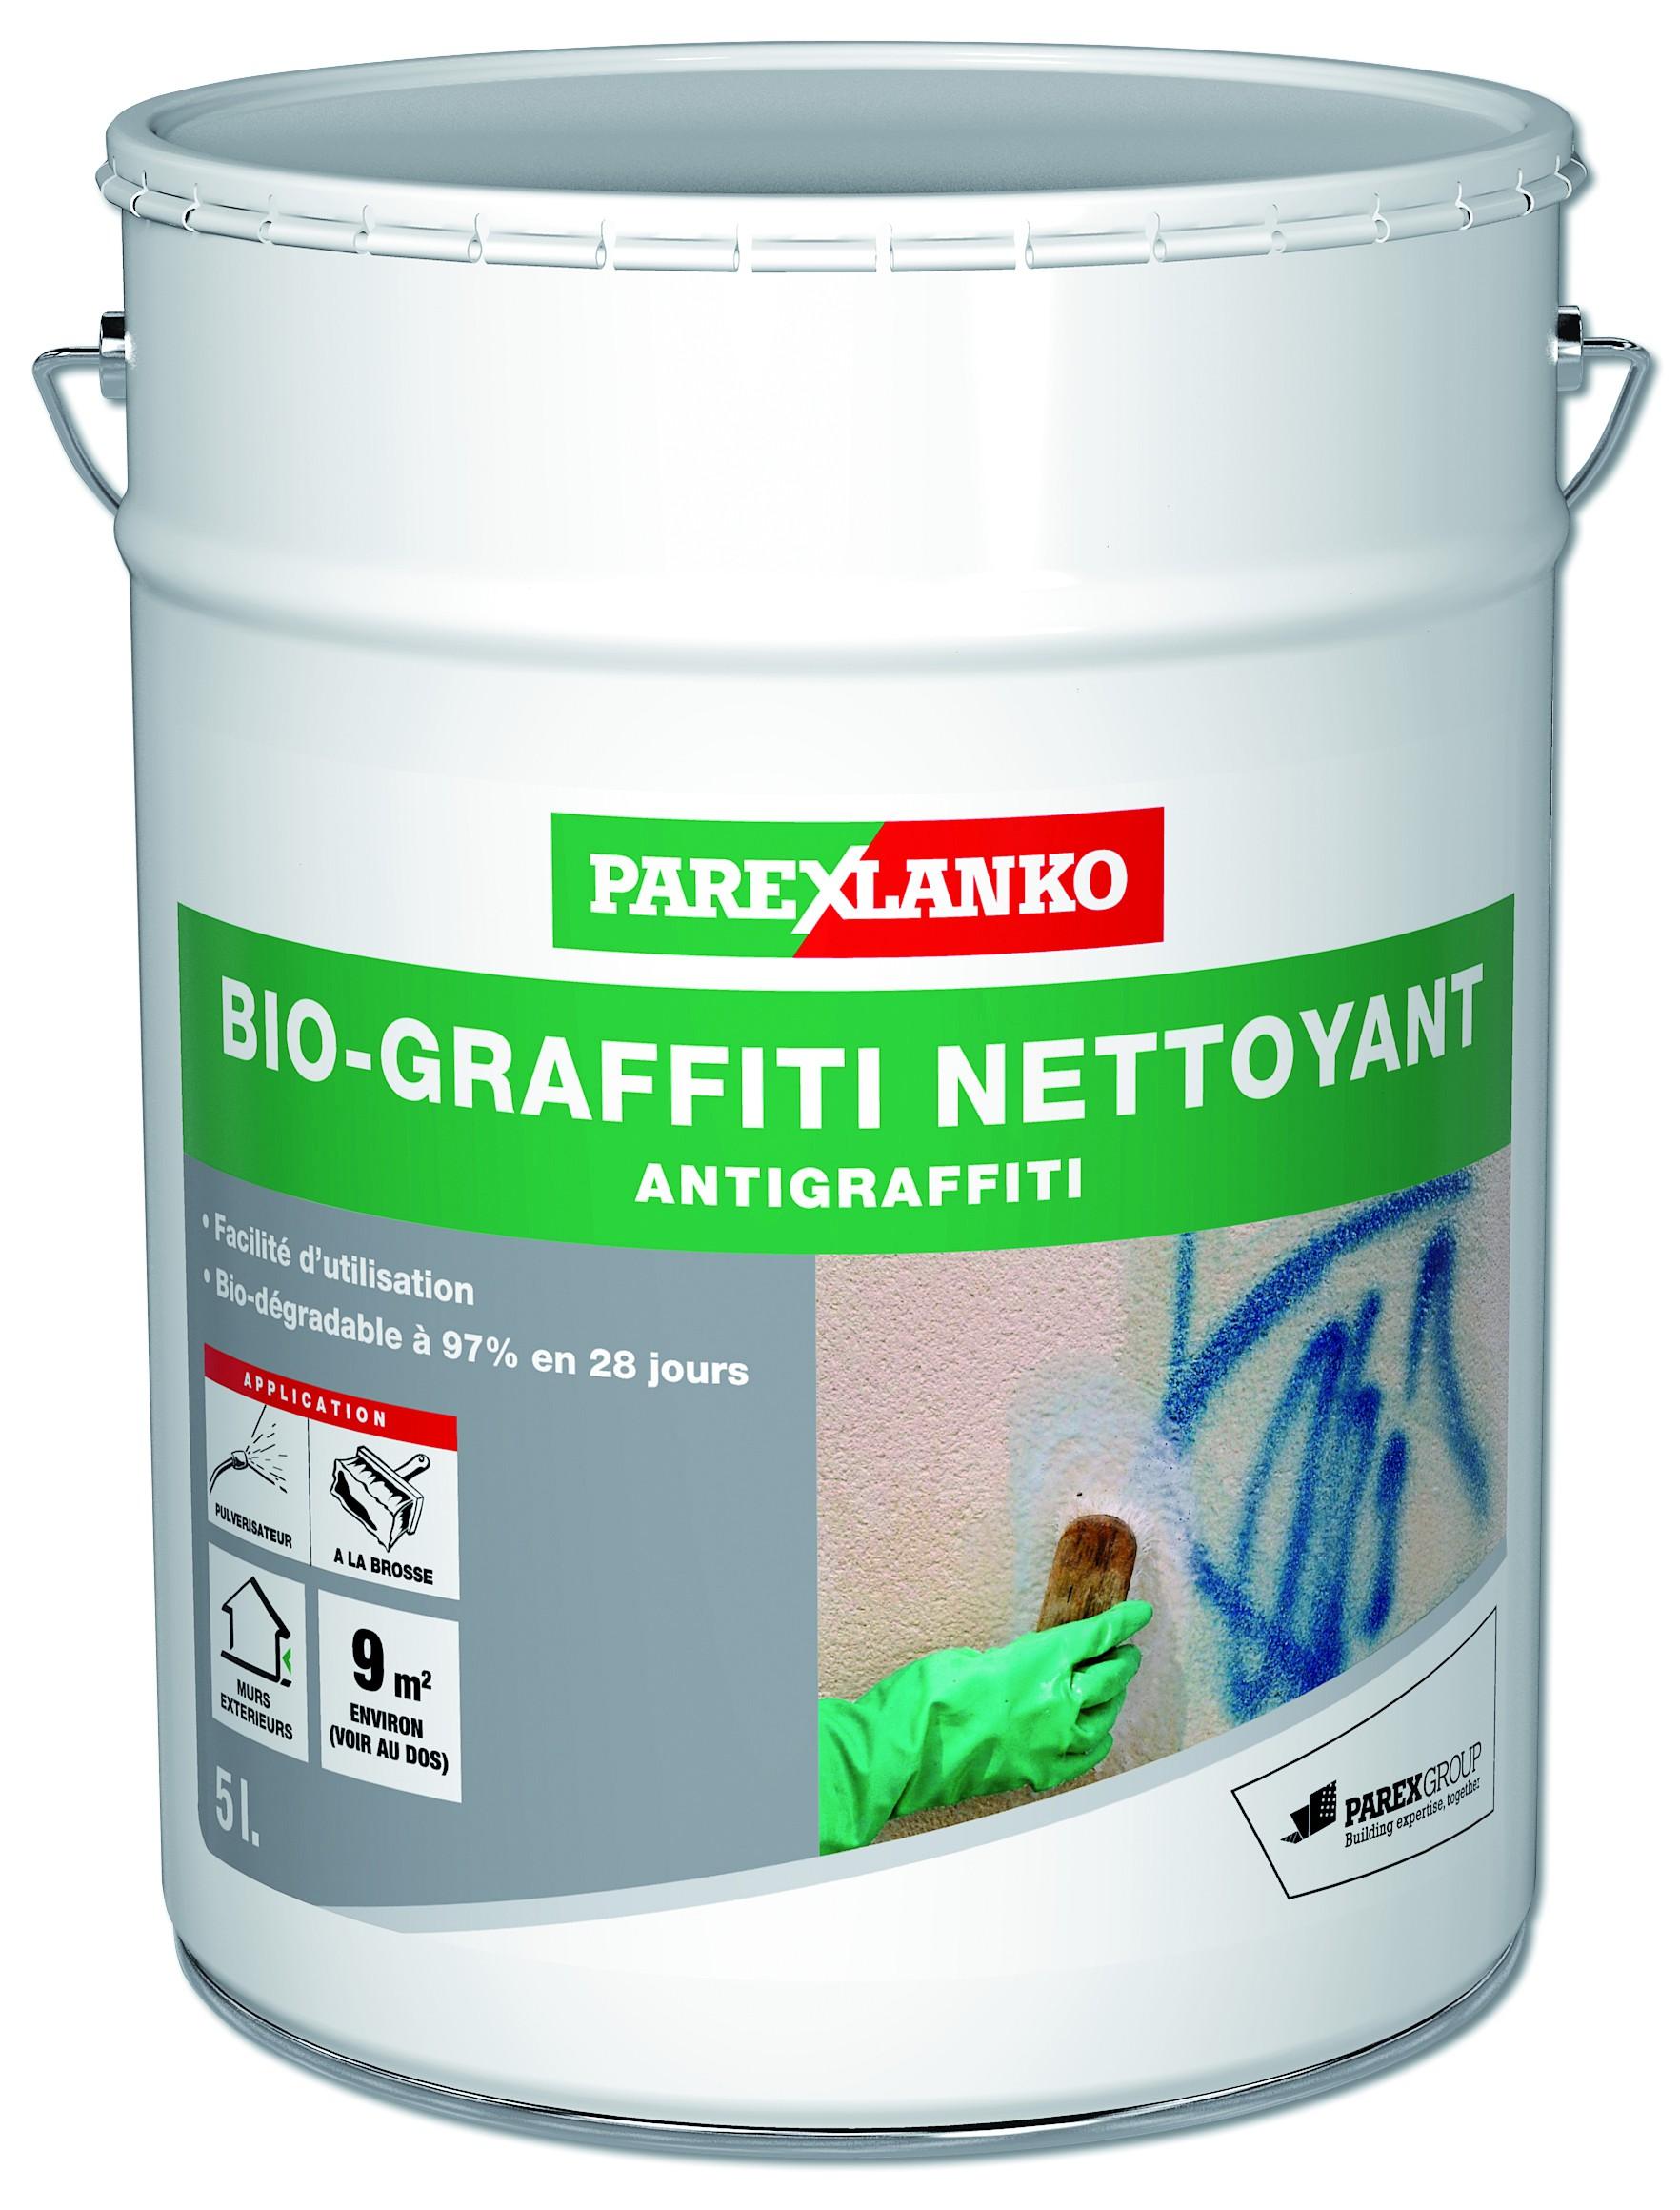 Nettoyant de graffiti Bio Graffiti Nettoyant Parexlanko